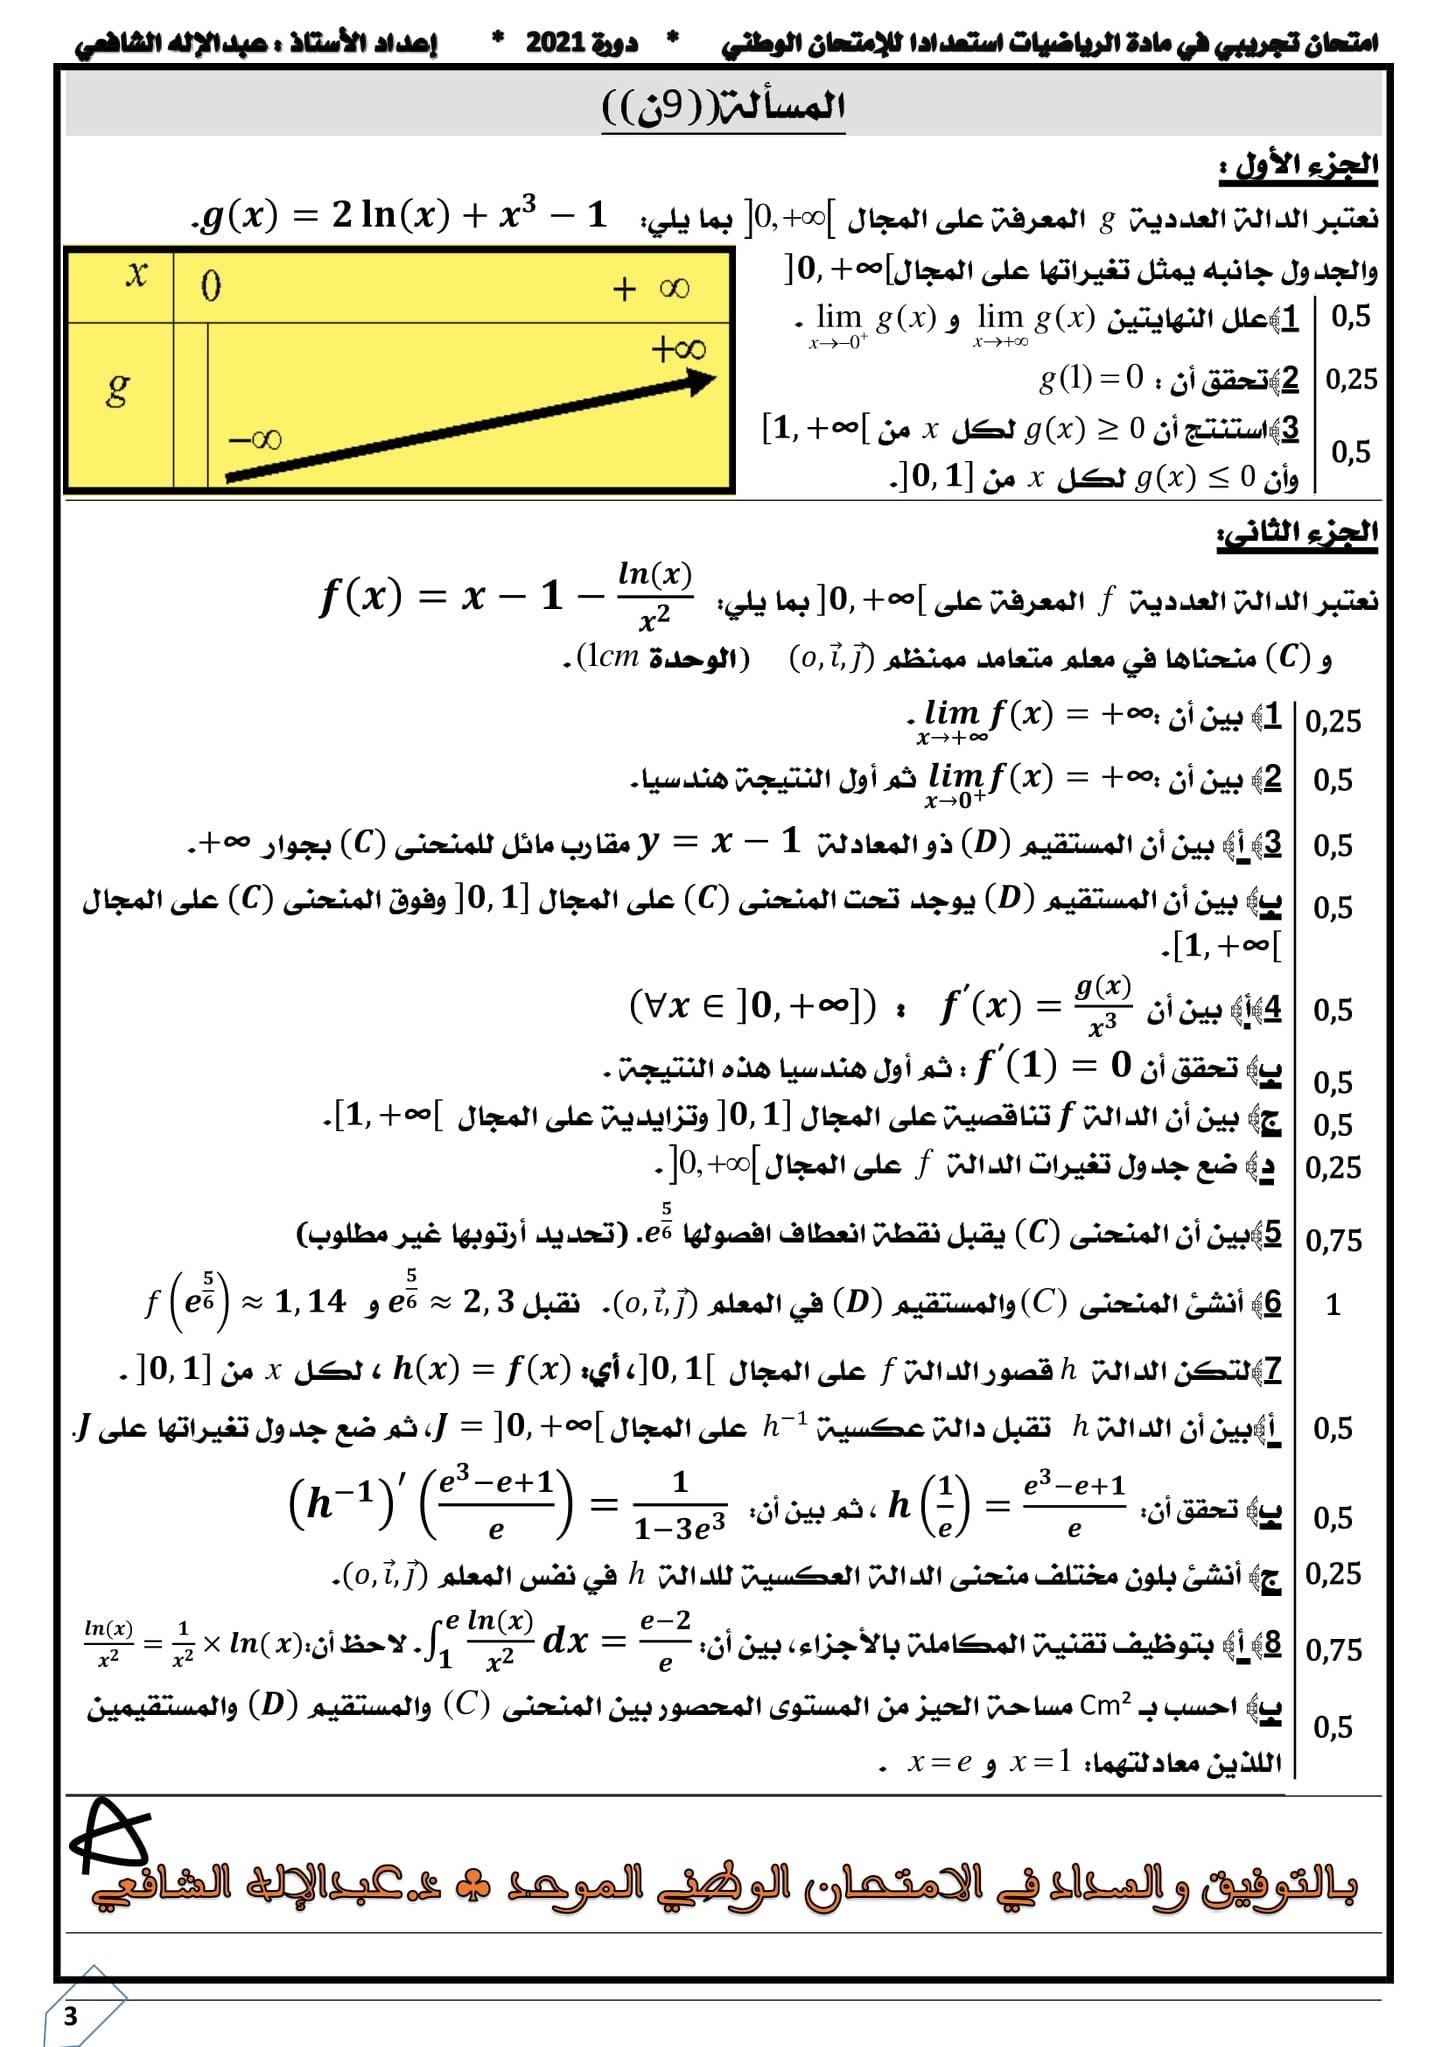 إمتحان تجريبي في مادة الرياضيات - يونيو 2021 الثانية باكالوريا علوم تجريبية بمسلكيها